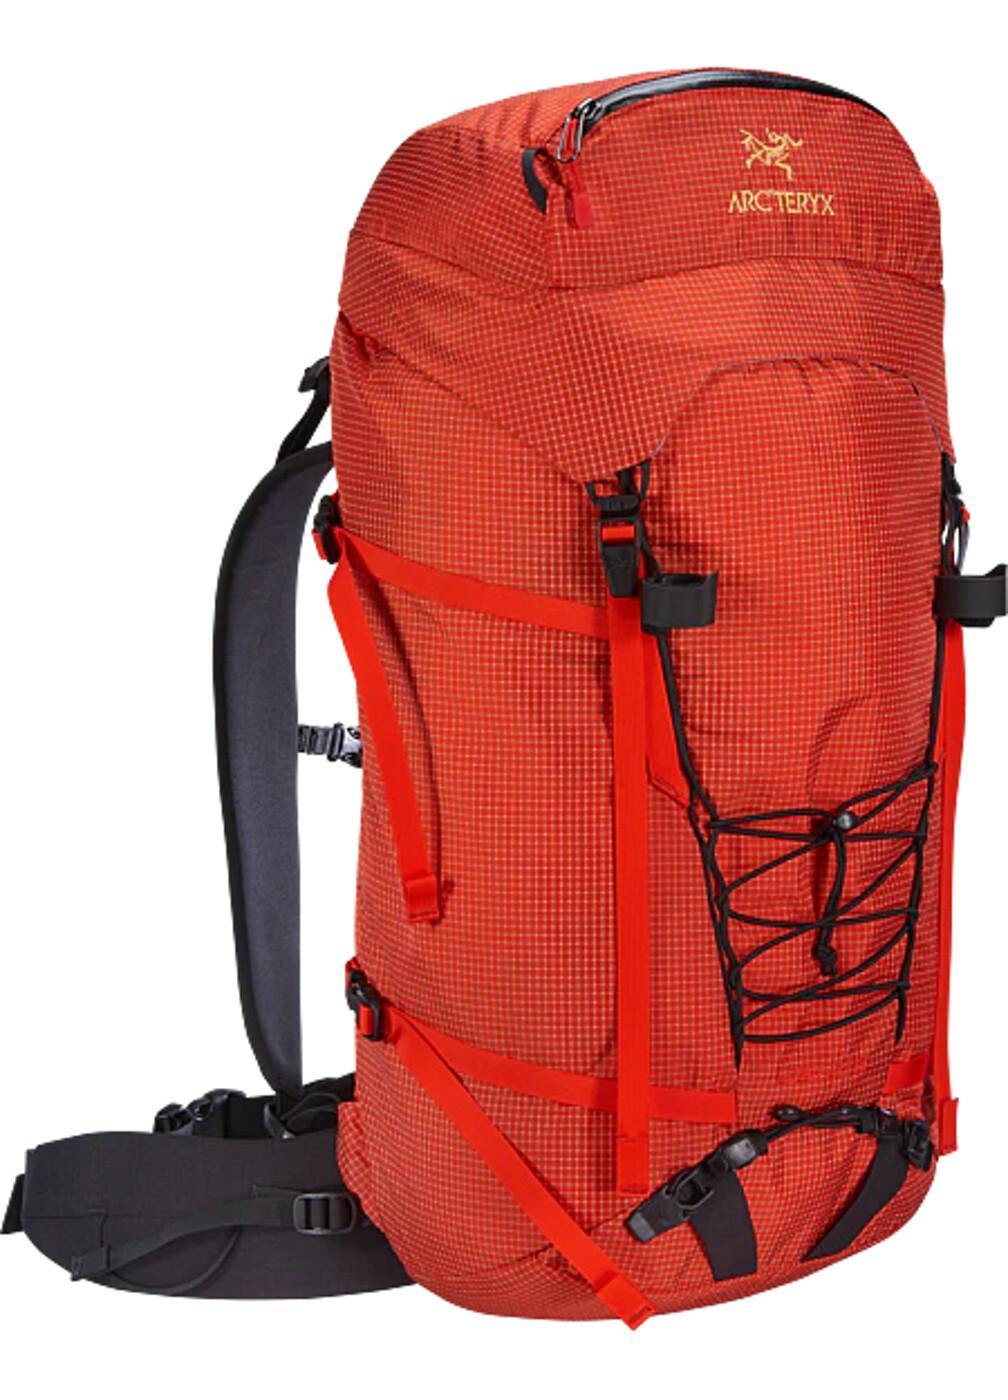 ARCTERYX Alpha AR 35 Backpack